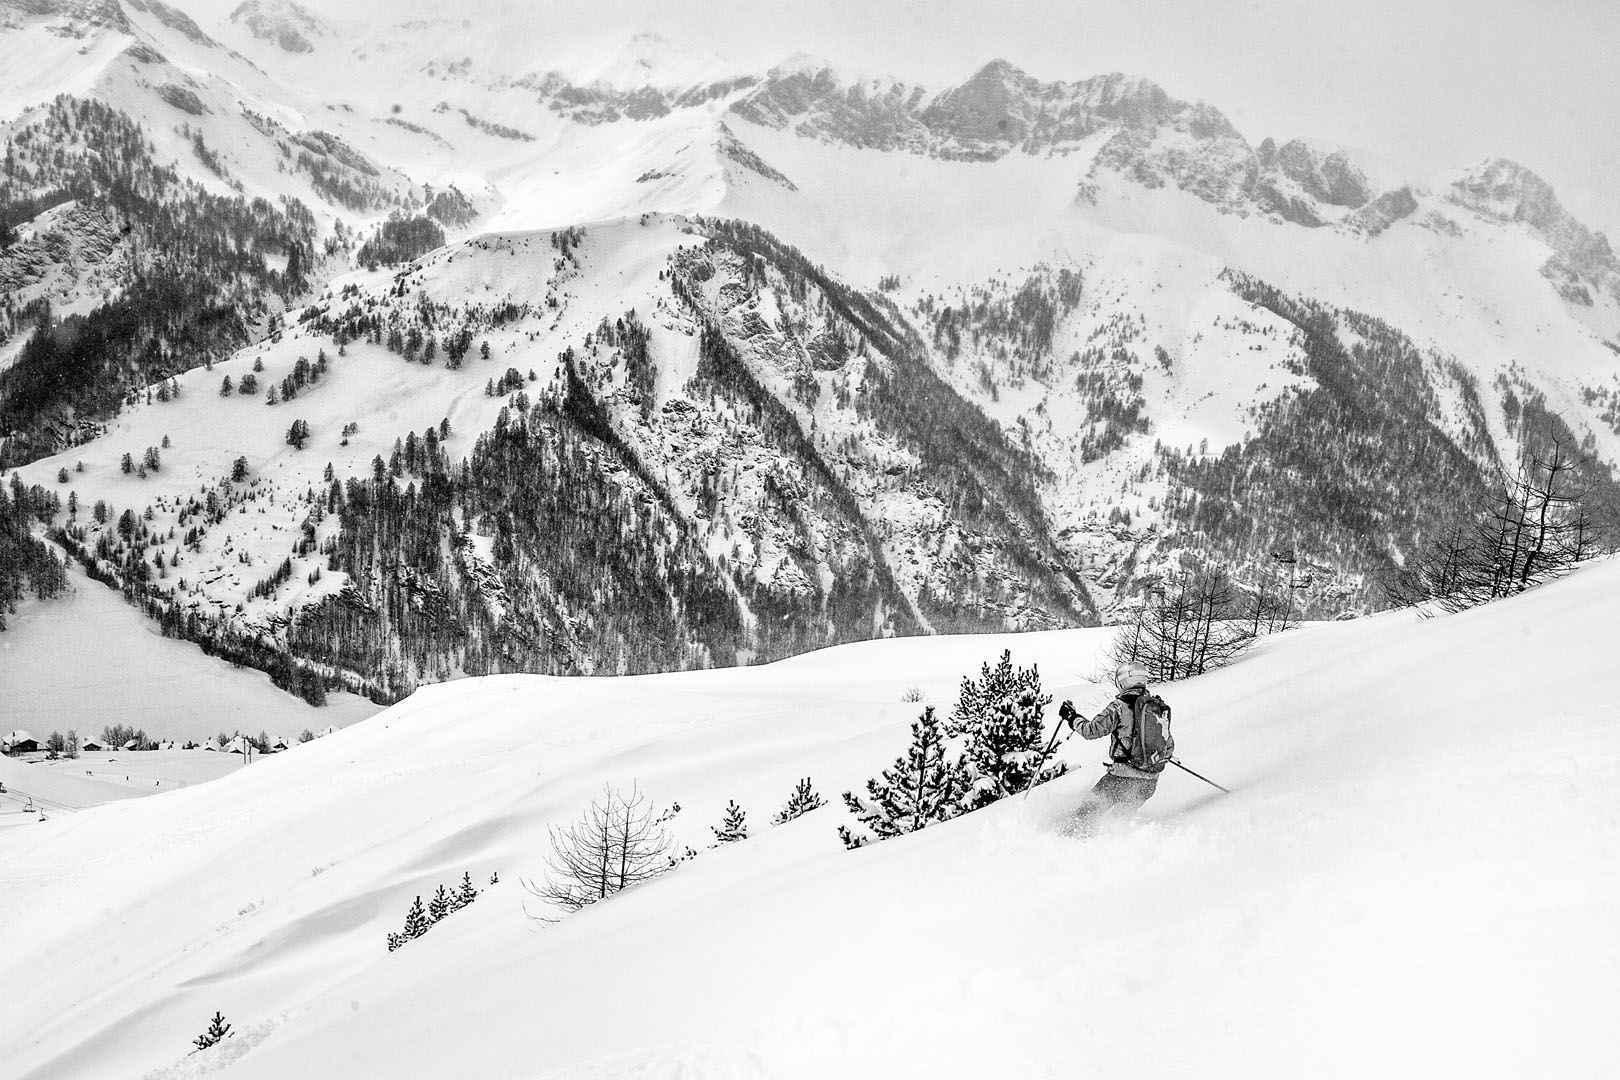 Chalet de Ski à Serre-Chevalier au coeur de la Montagne - www.oceanvagabond.com 1